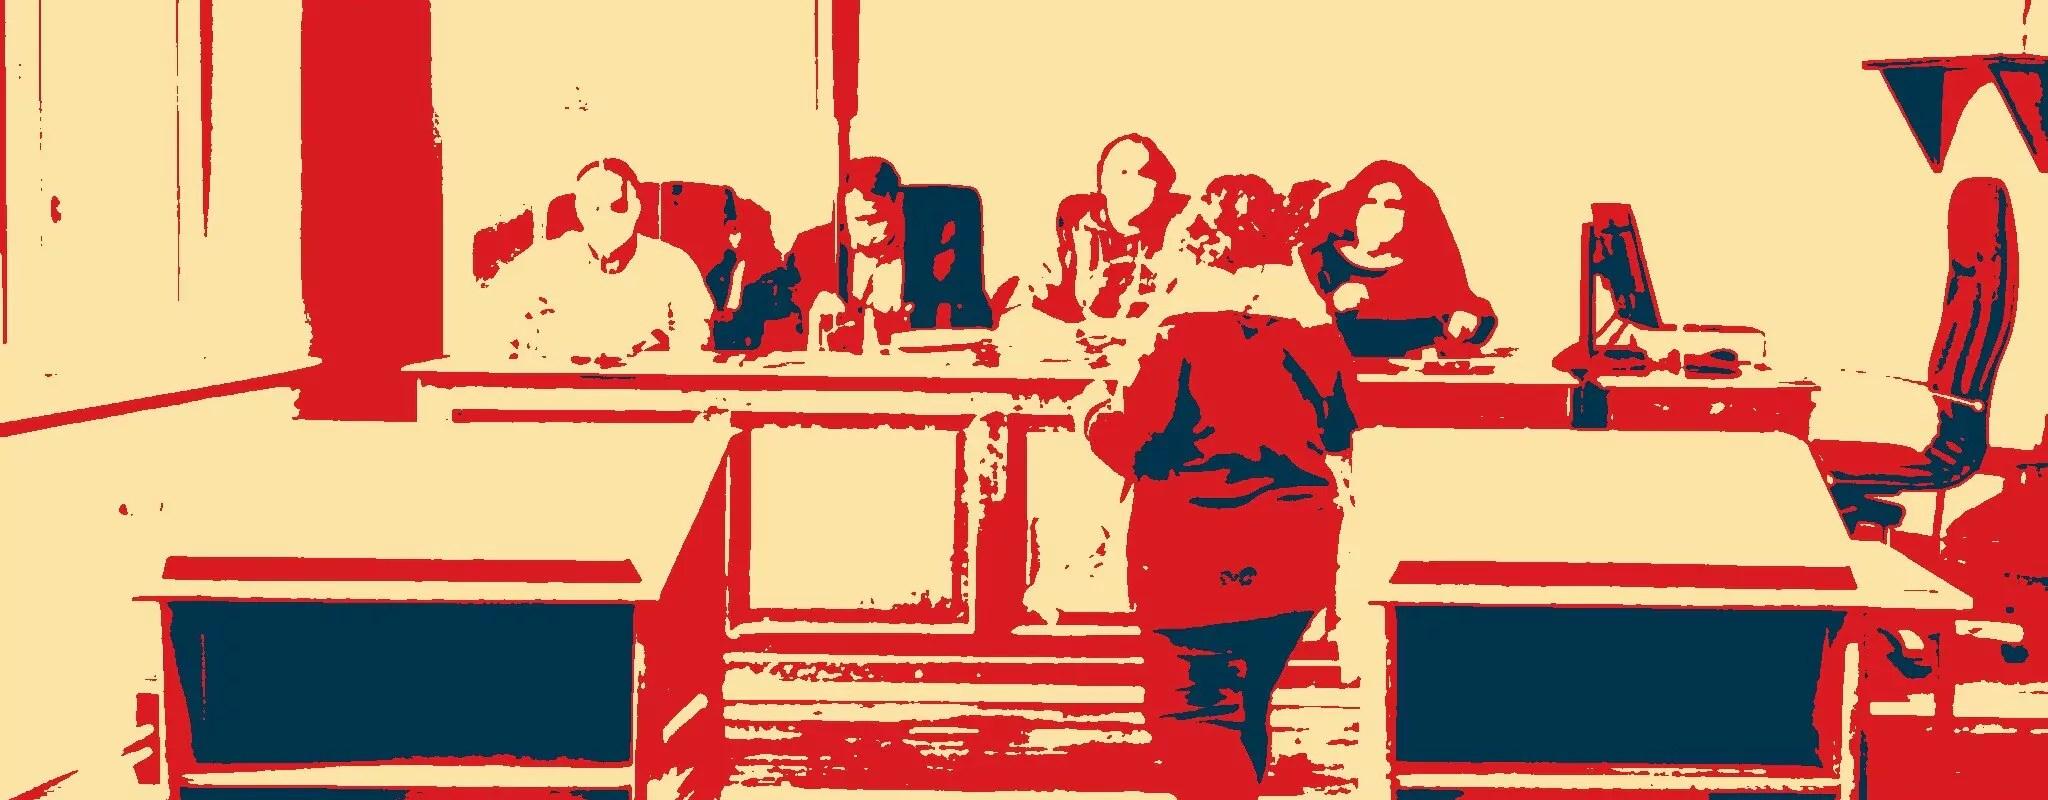 La Maison des associations condamnée pour le licenciement d'une salariée victime de harcèlement sexuel